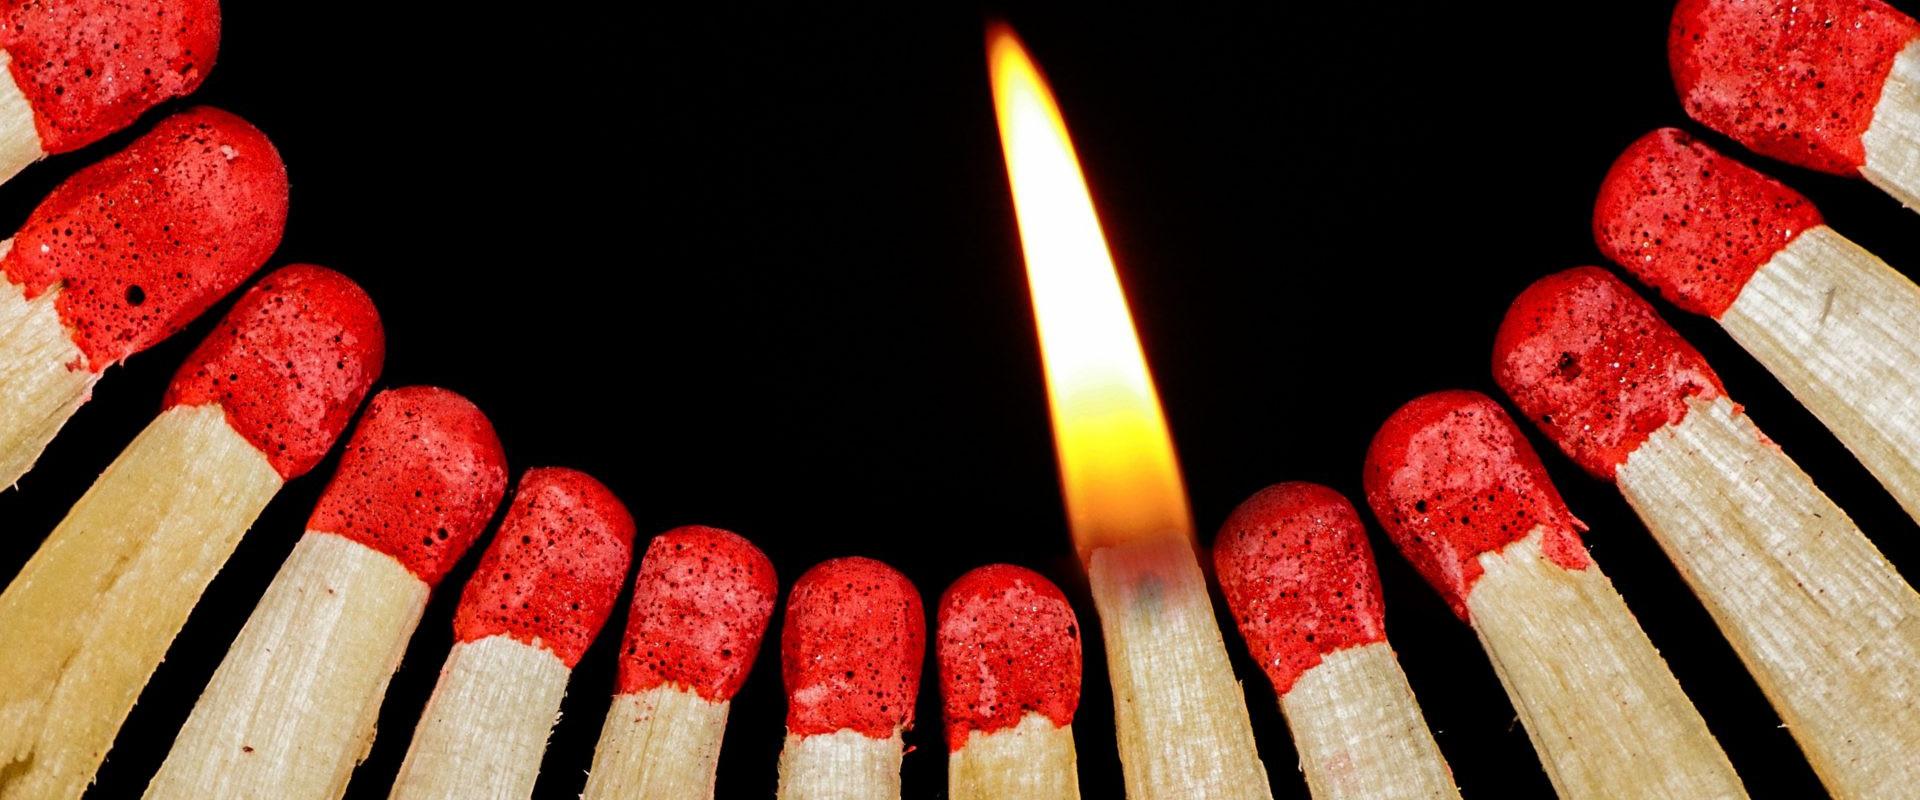 Zündhölzer - eines brennend